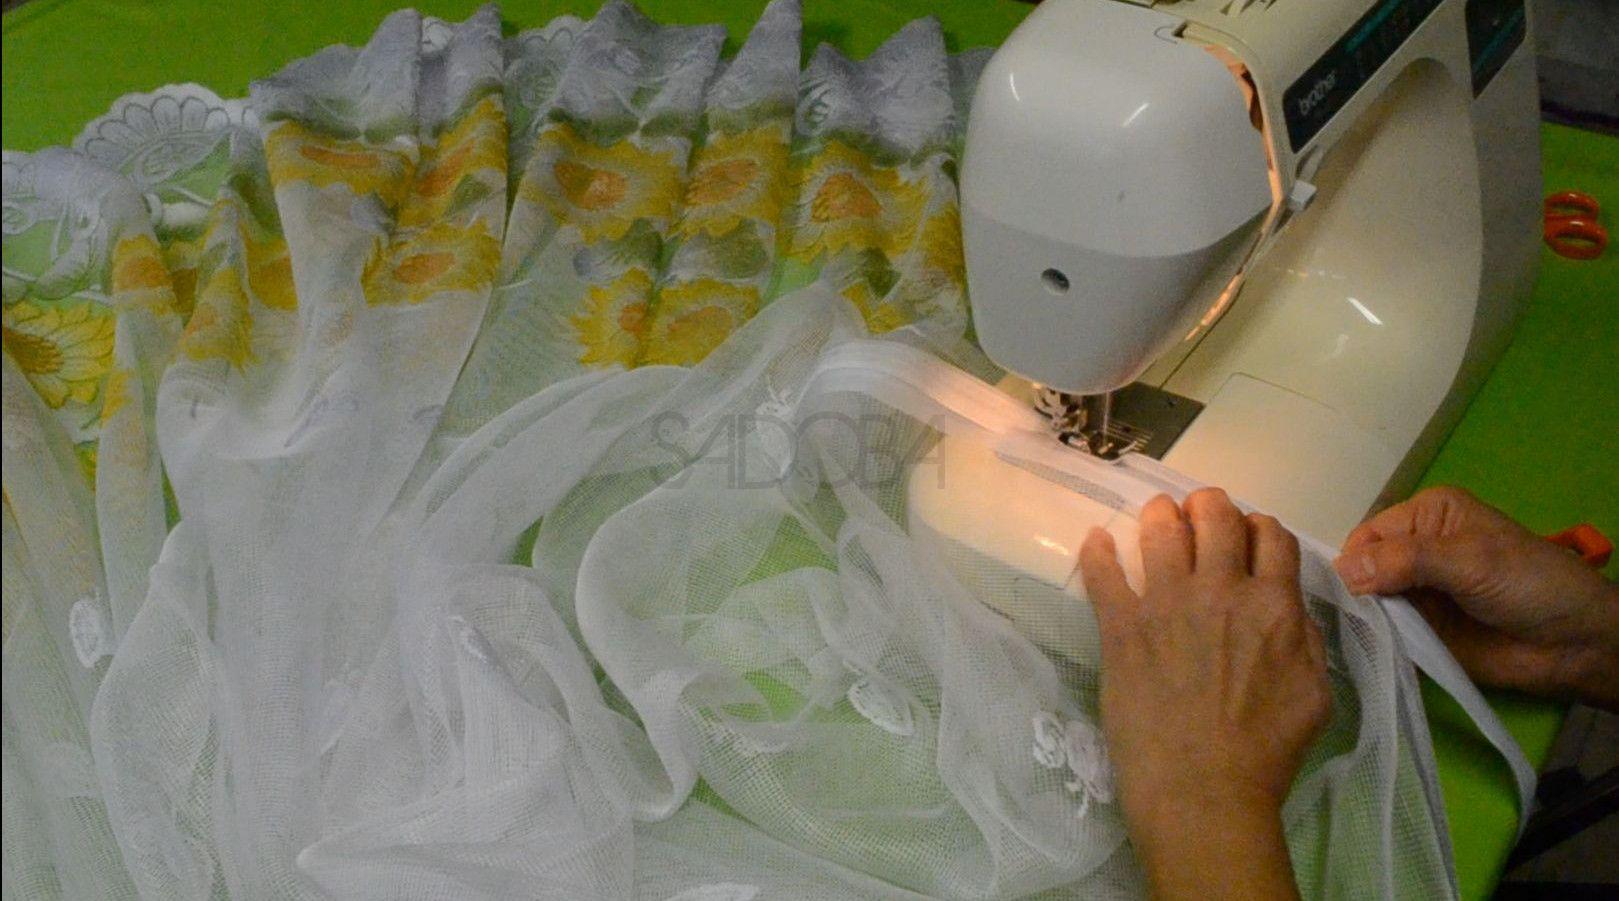 Ako prišiť riasiacu pásku na záclonu?